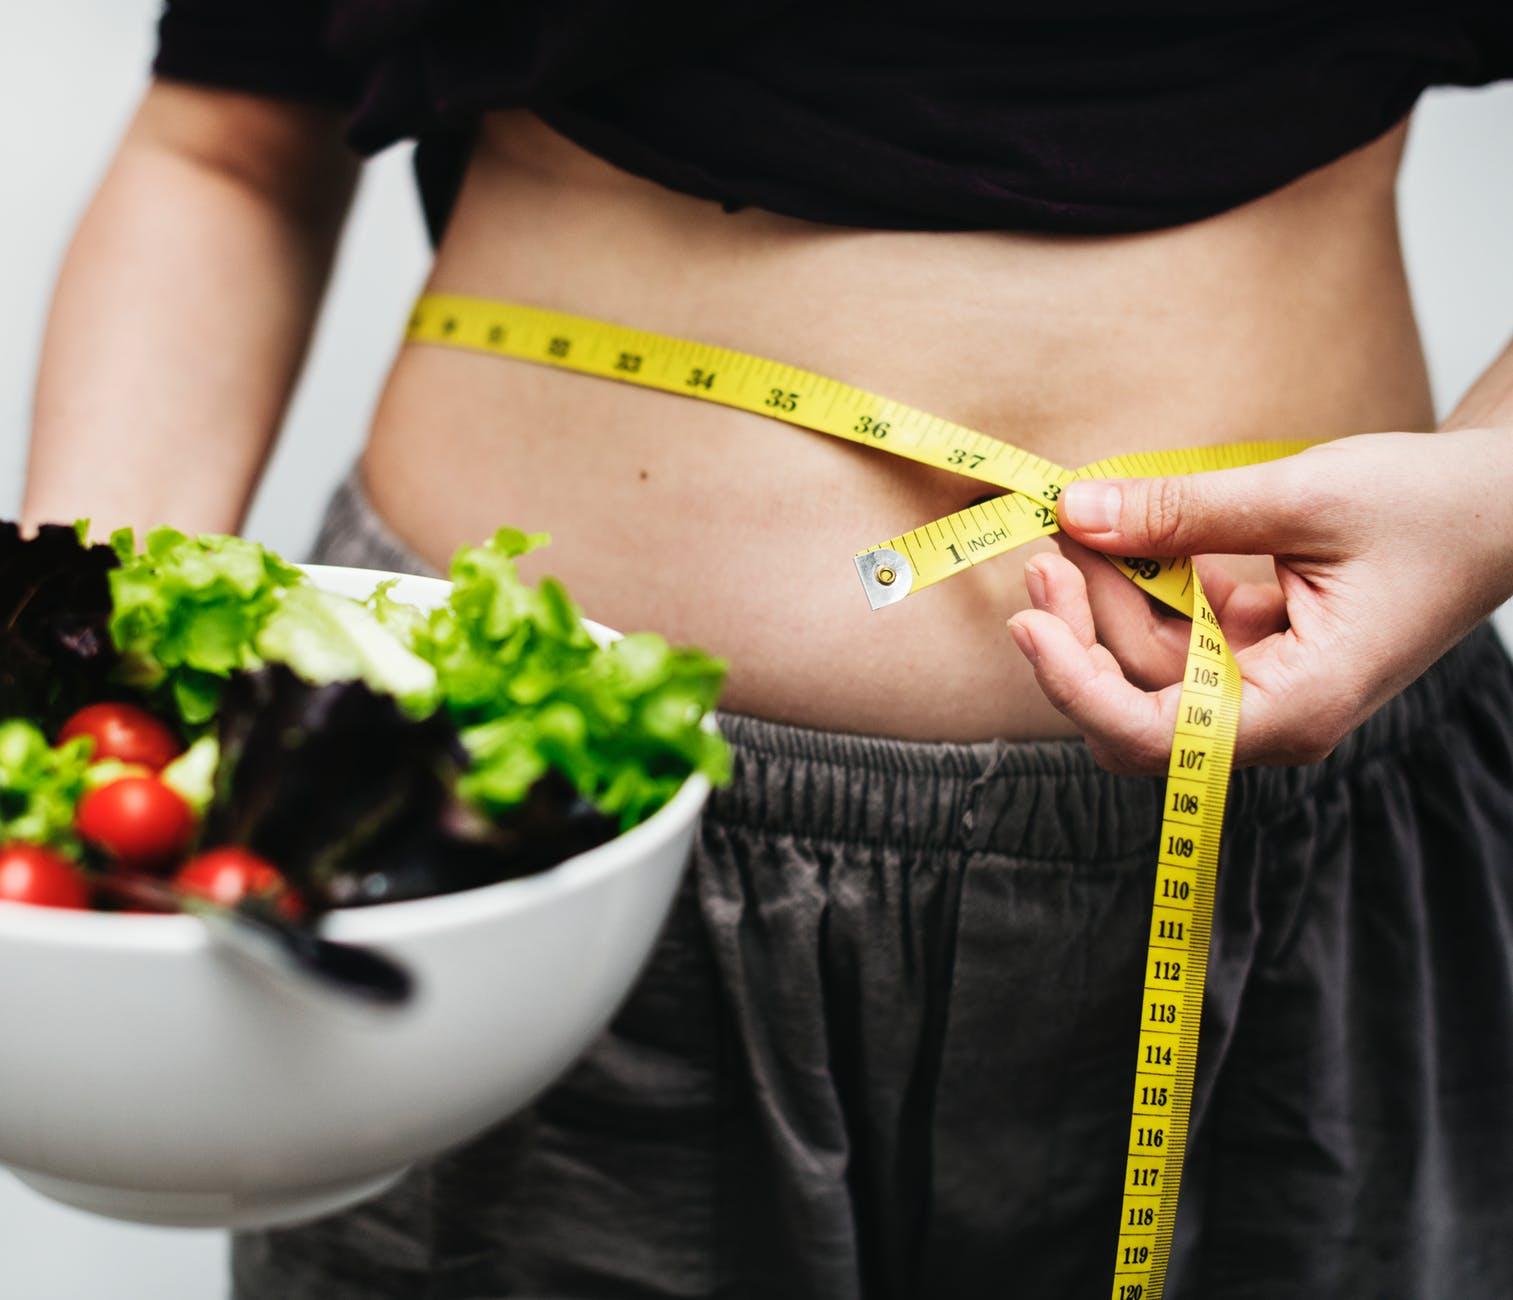 suroritate pierdere în greutate tucson